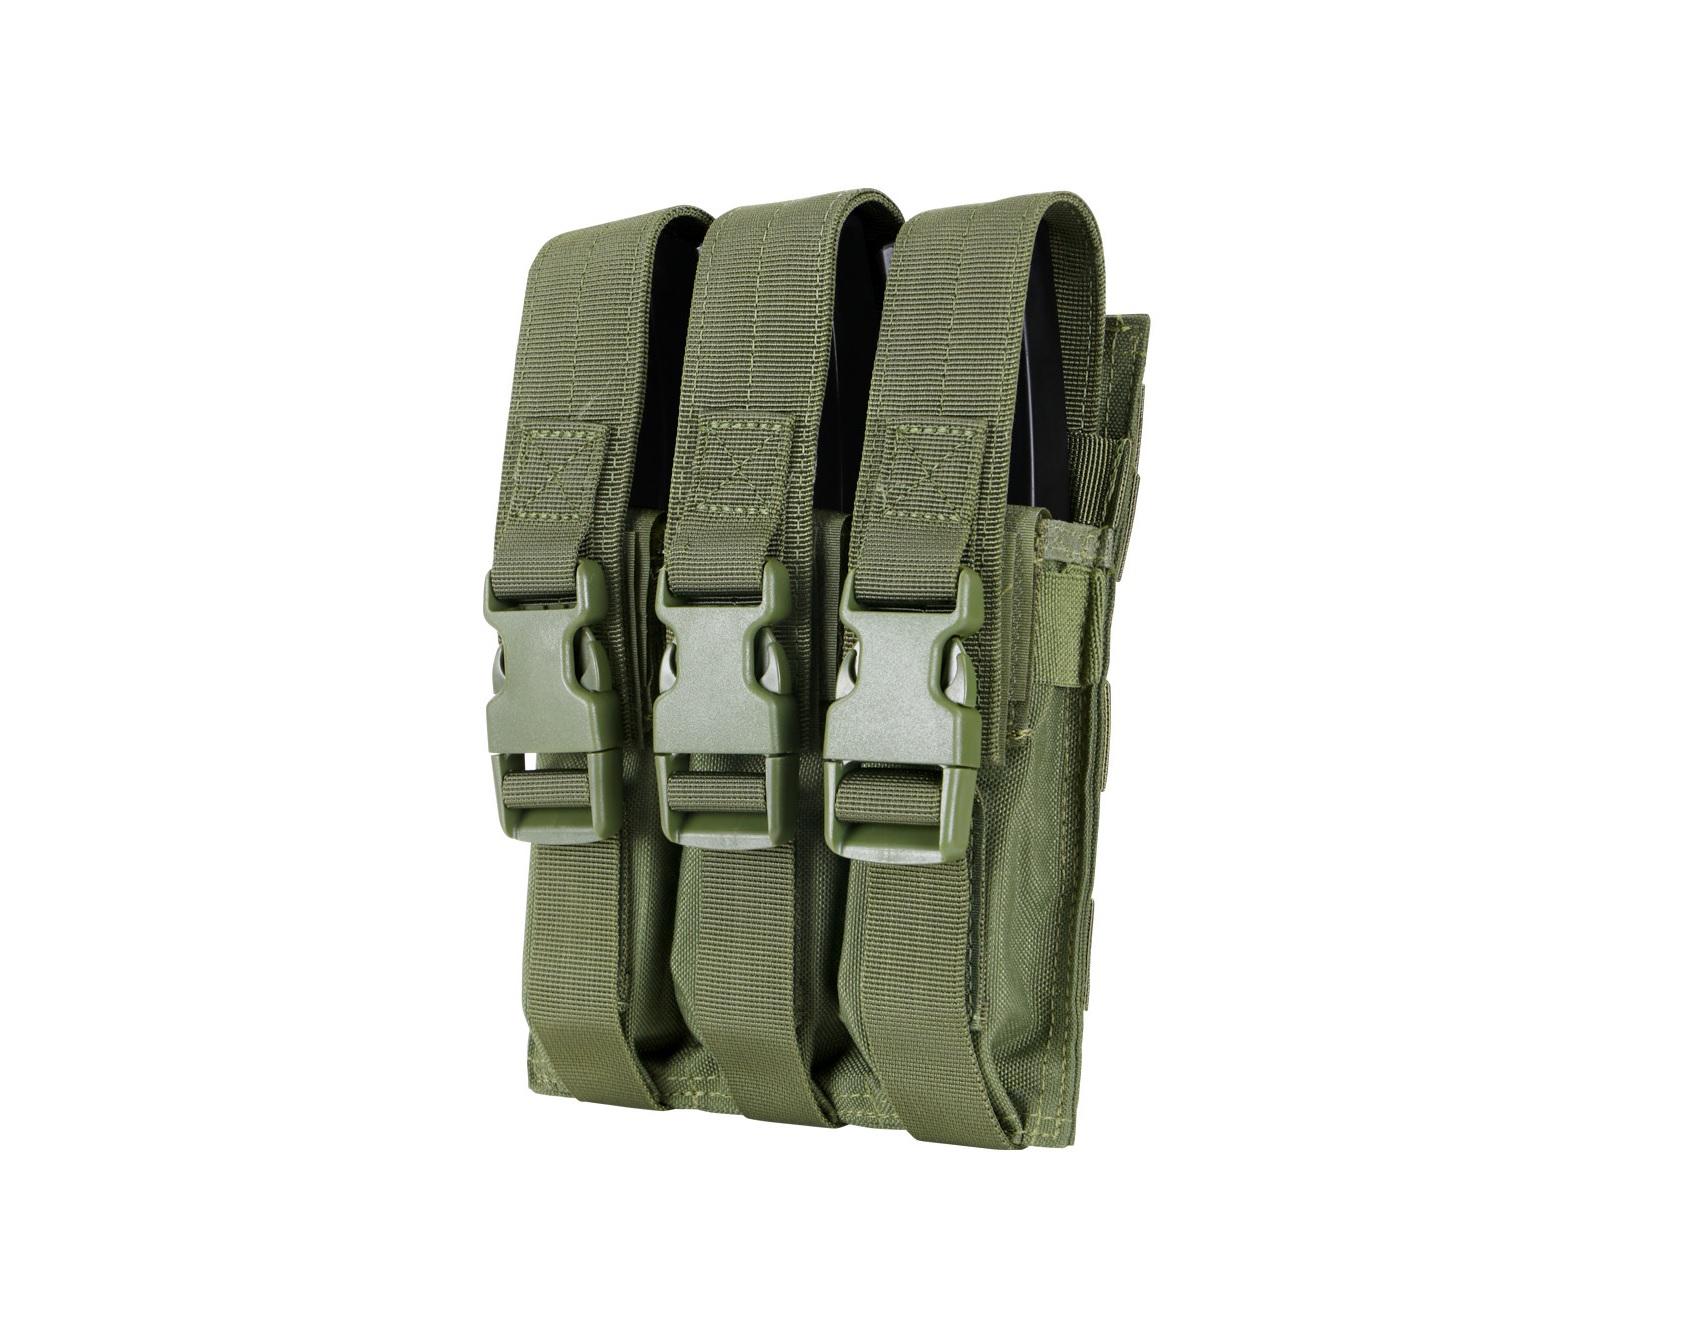 PORT INCARCATOR TRIPLU PENTRU MP5 - OD